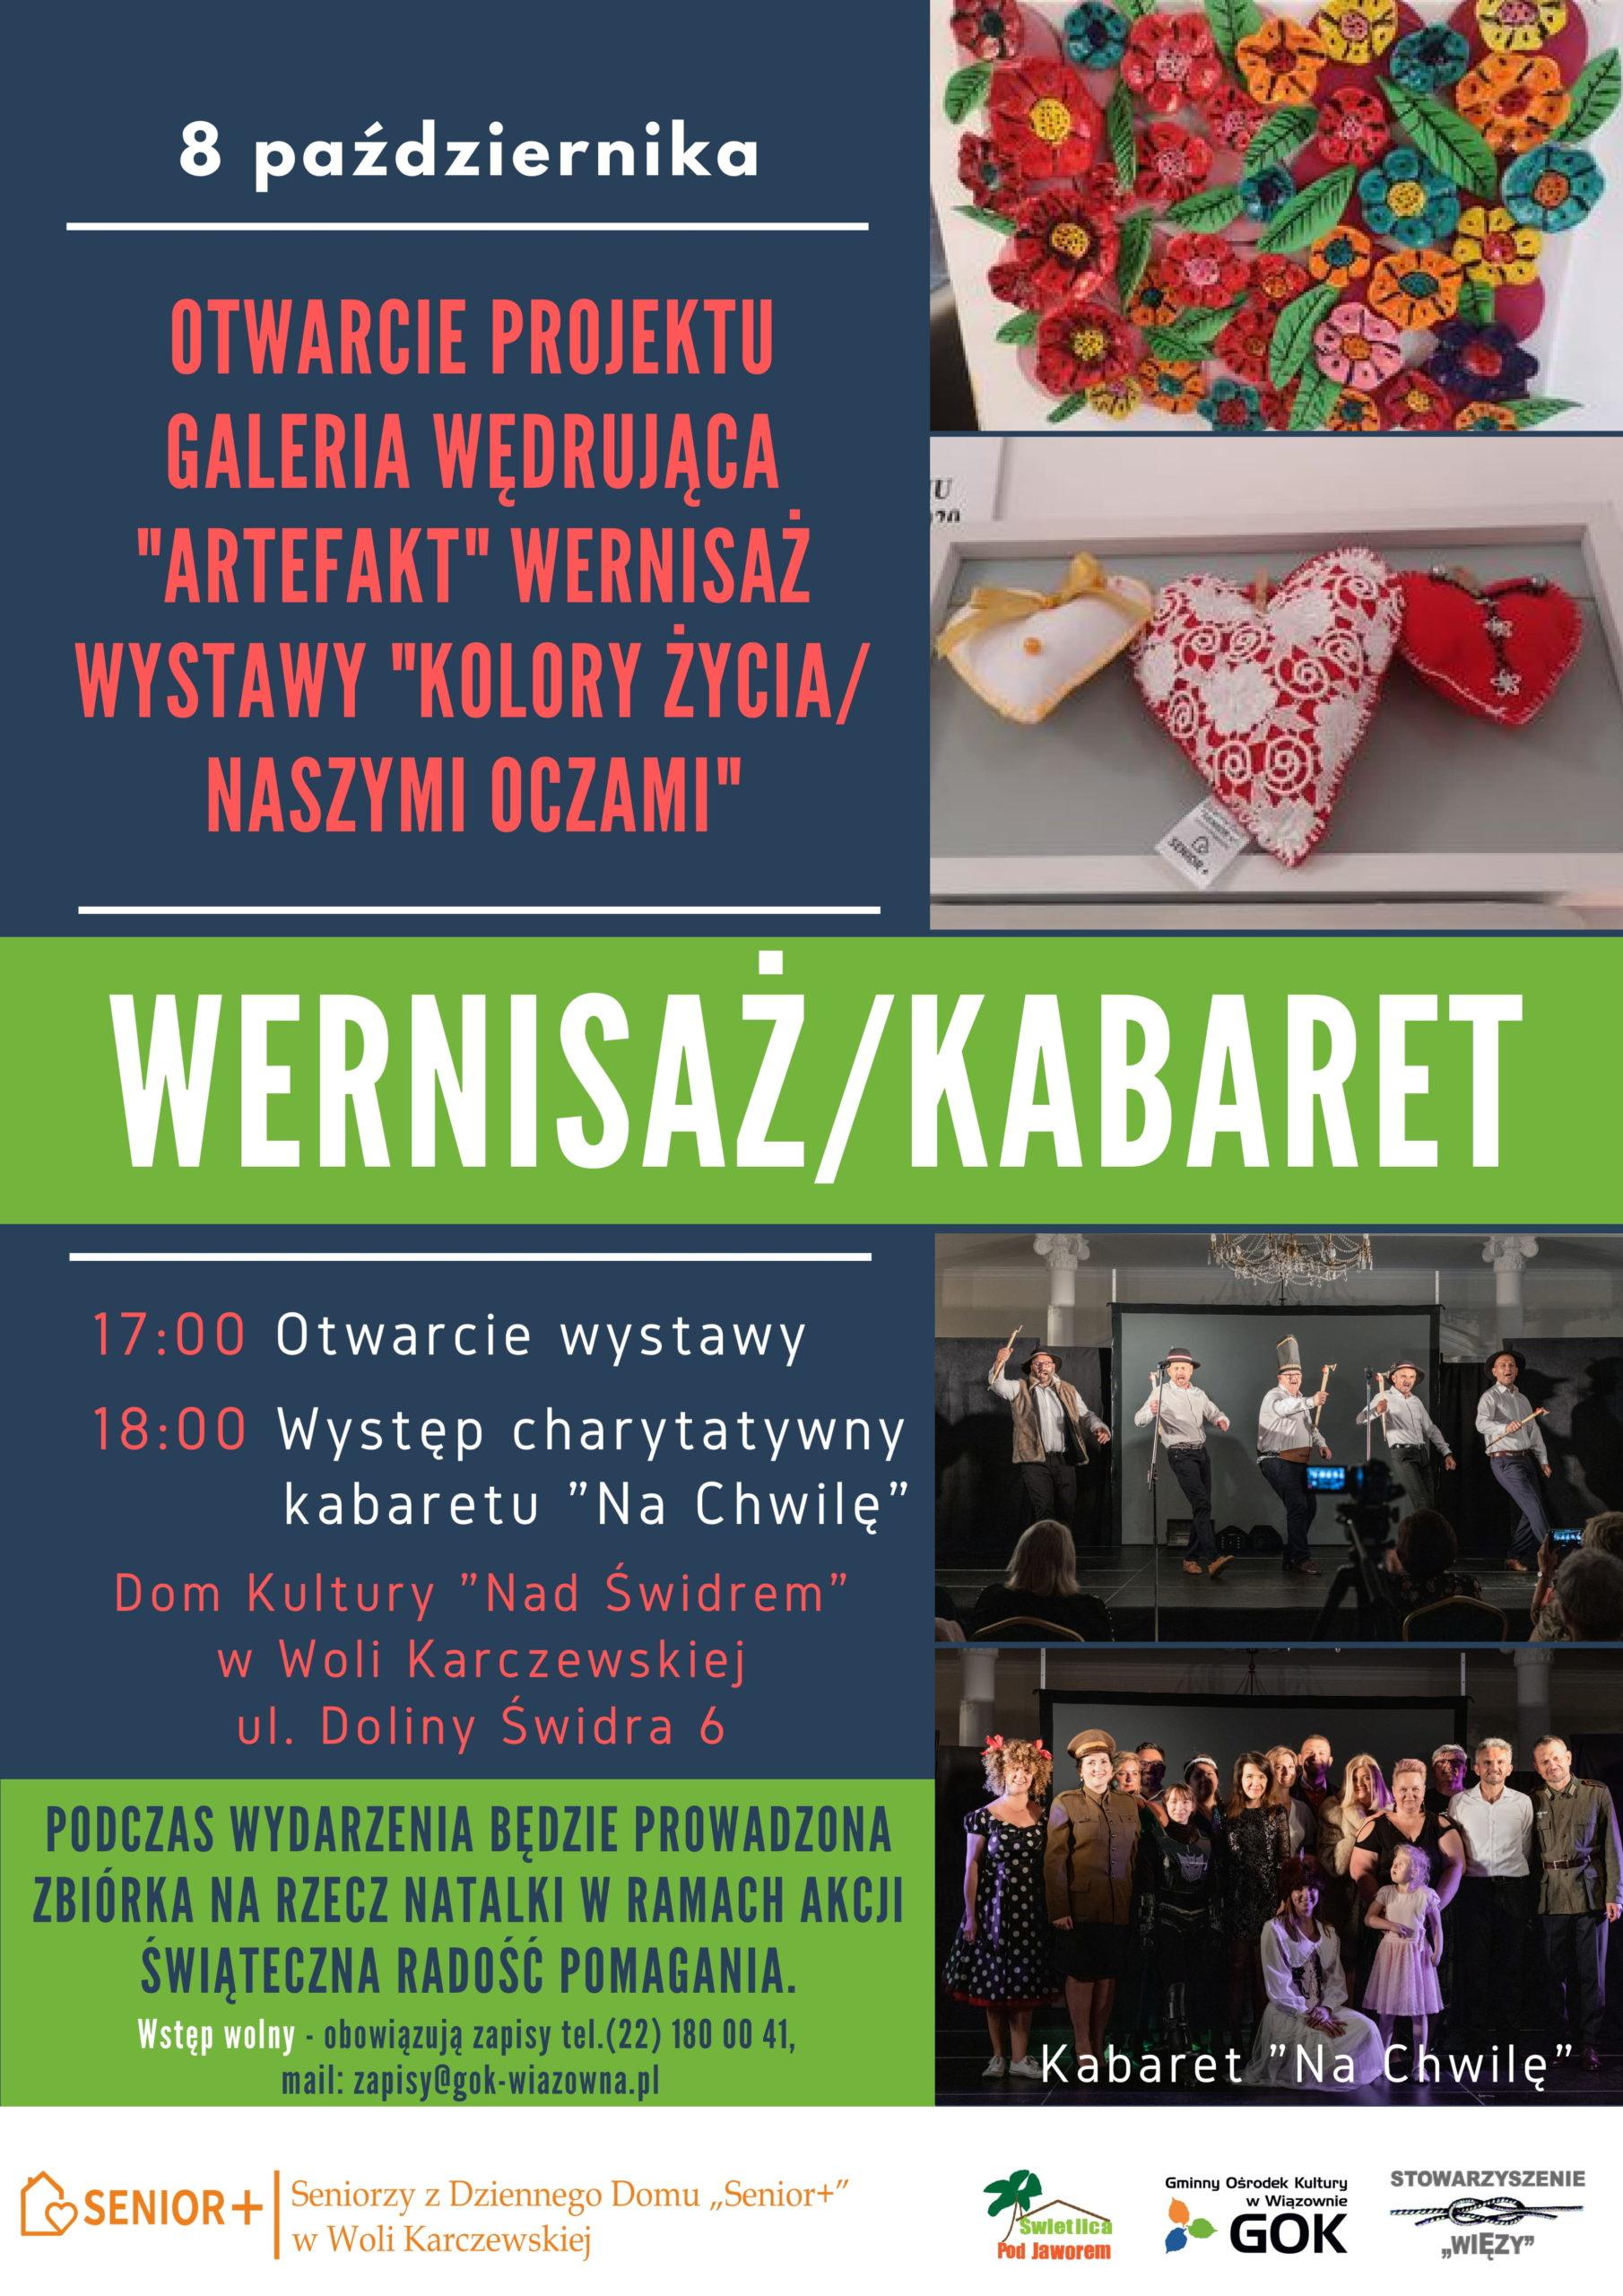 Zaproszenie na wernisaż wystawy 8 października w Domu Kultury Nad Świdrem w Woli Karczewskiej